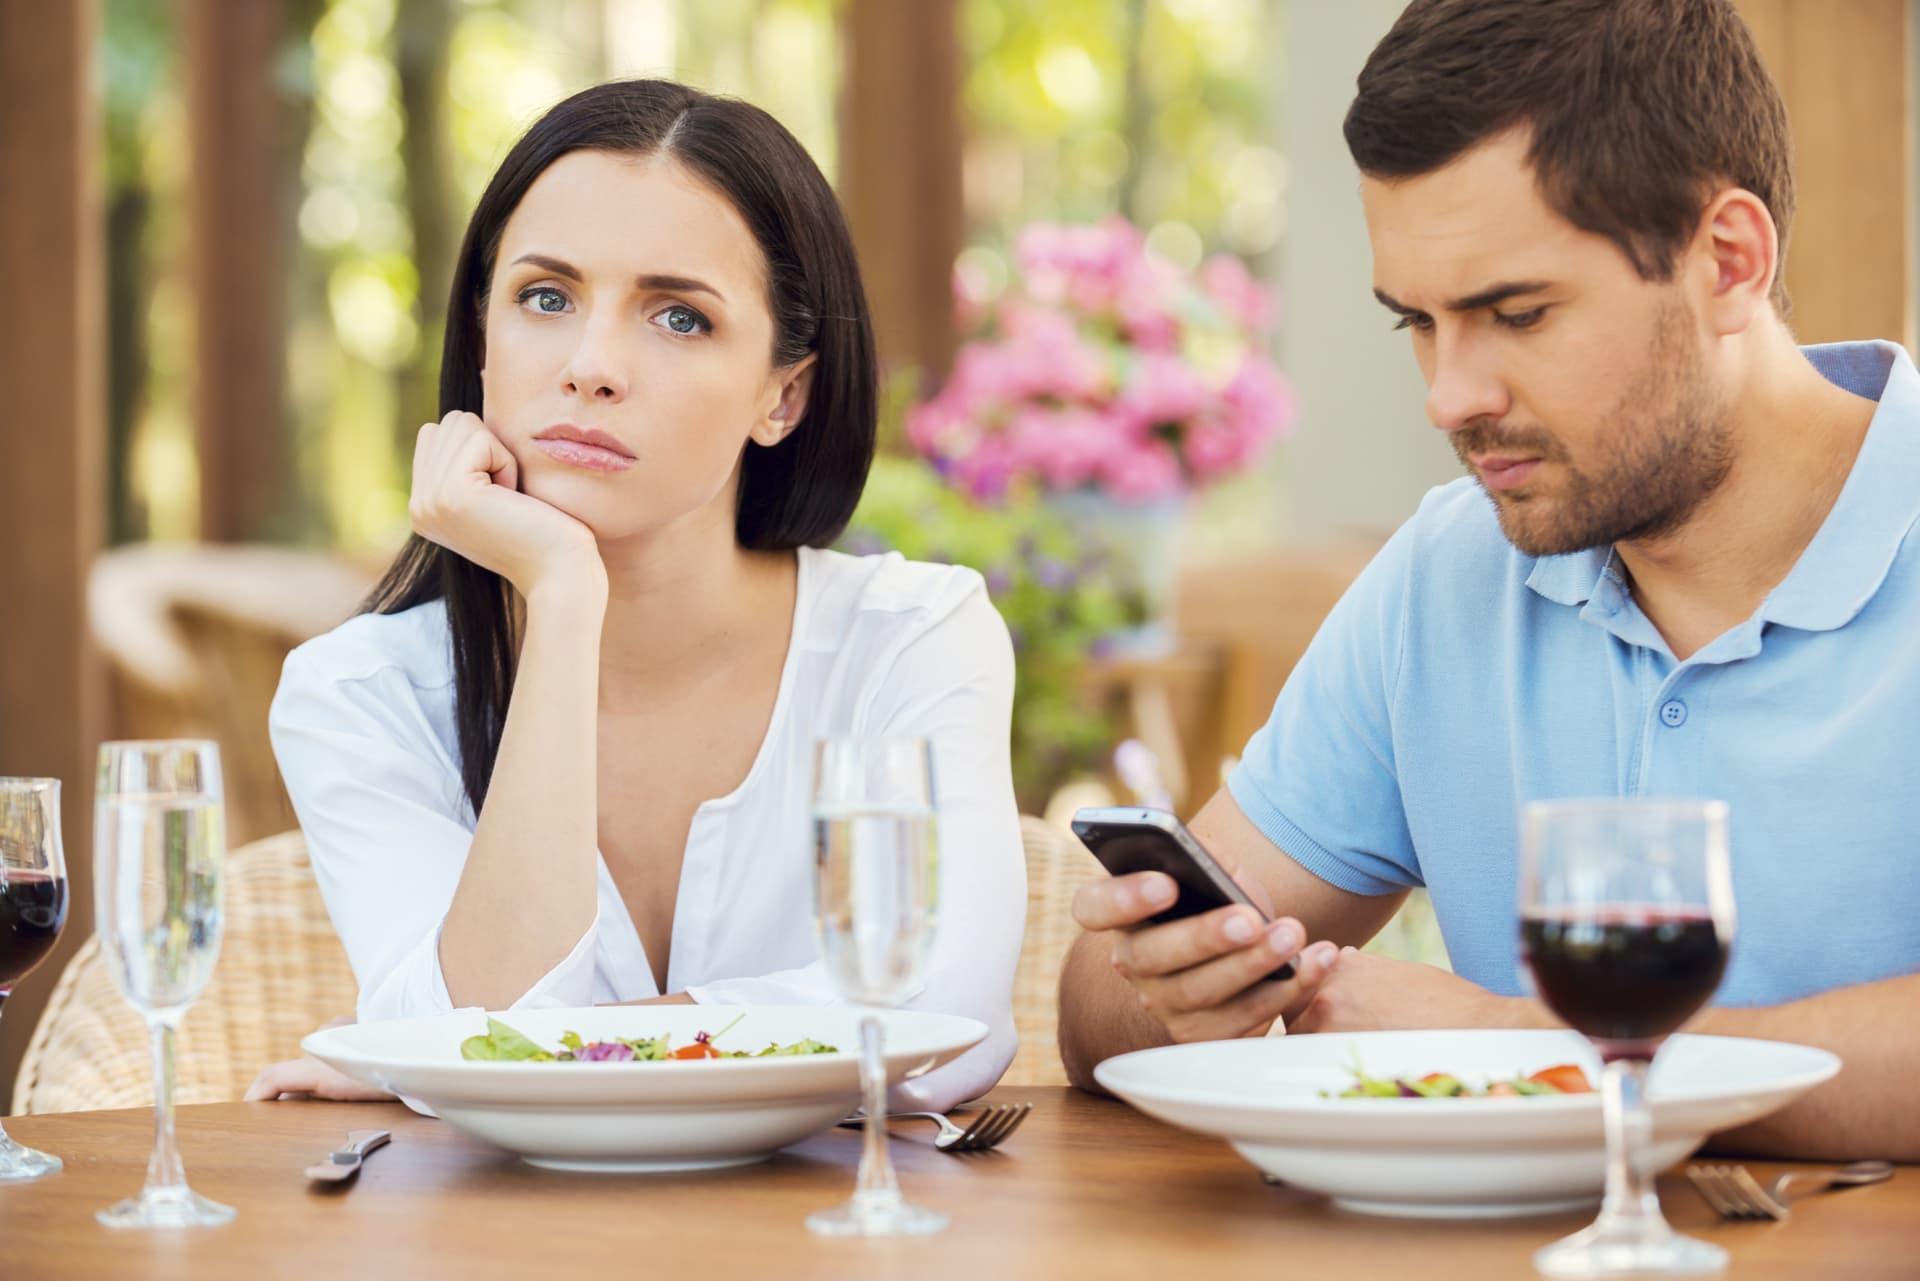 Беседа мужчины и женщины